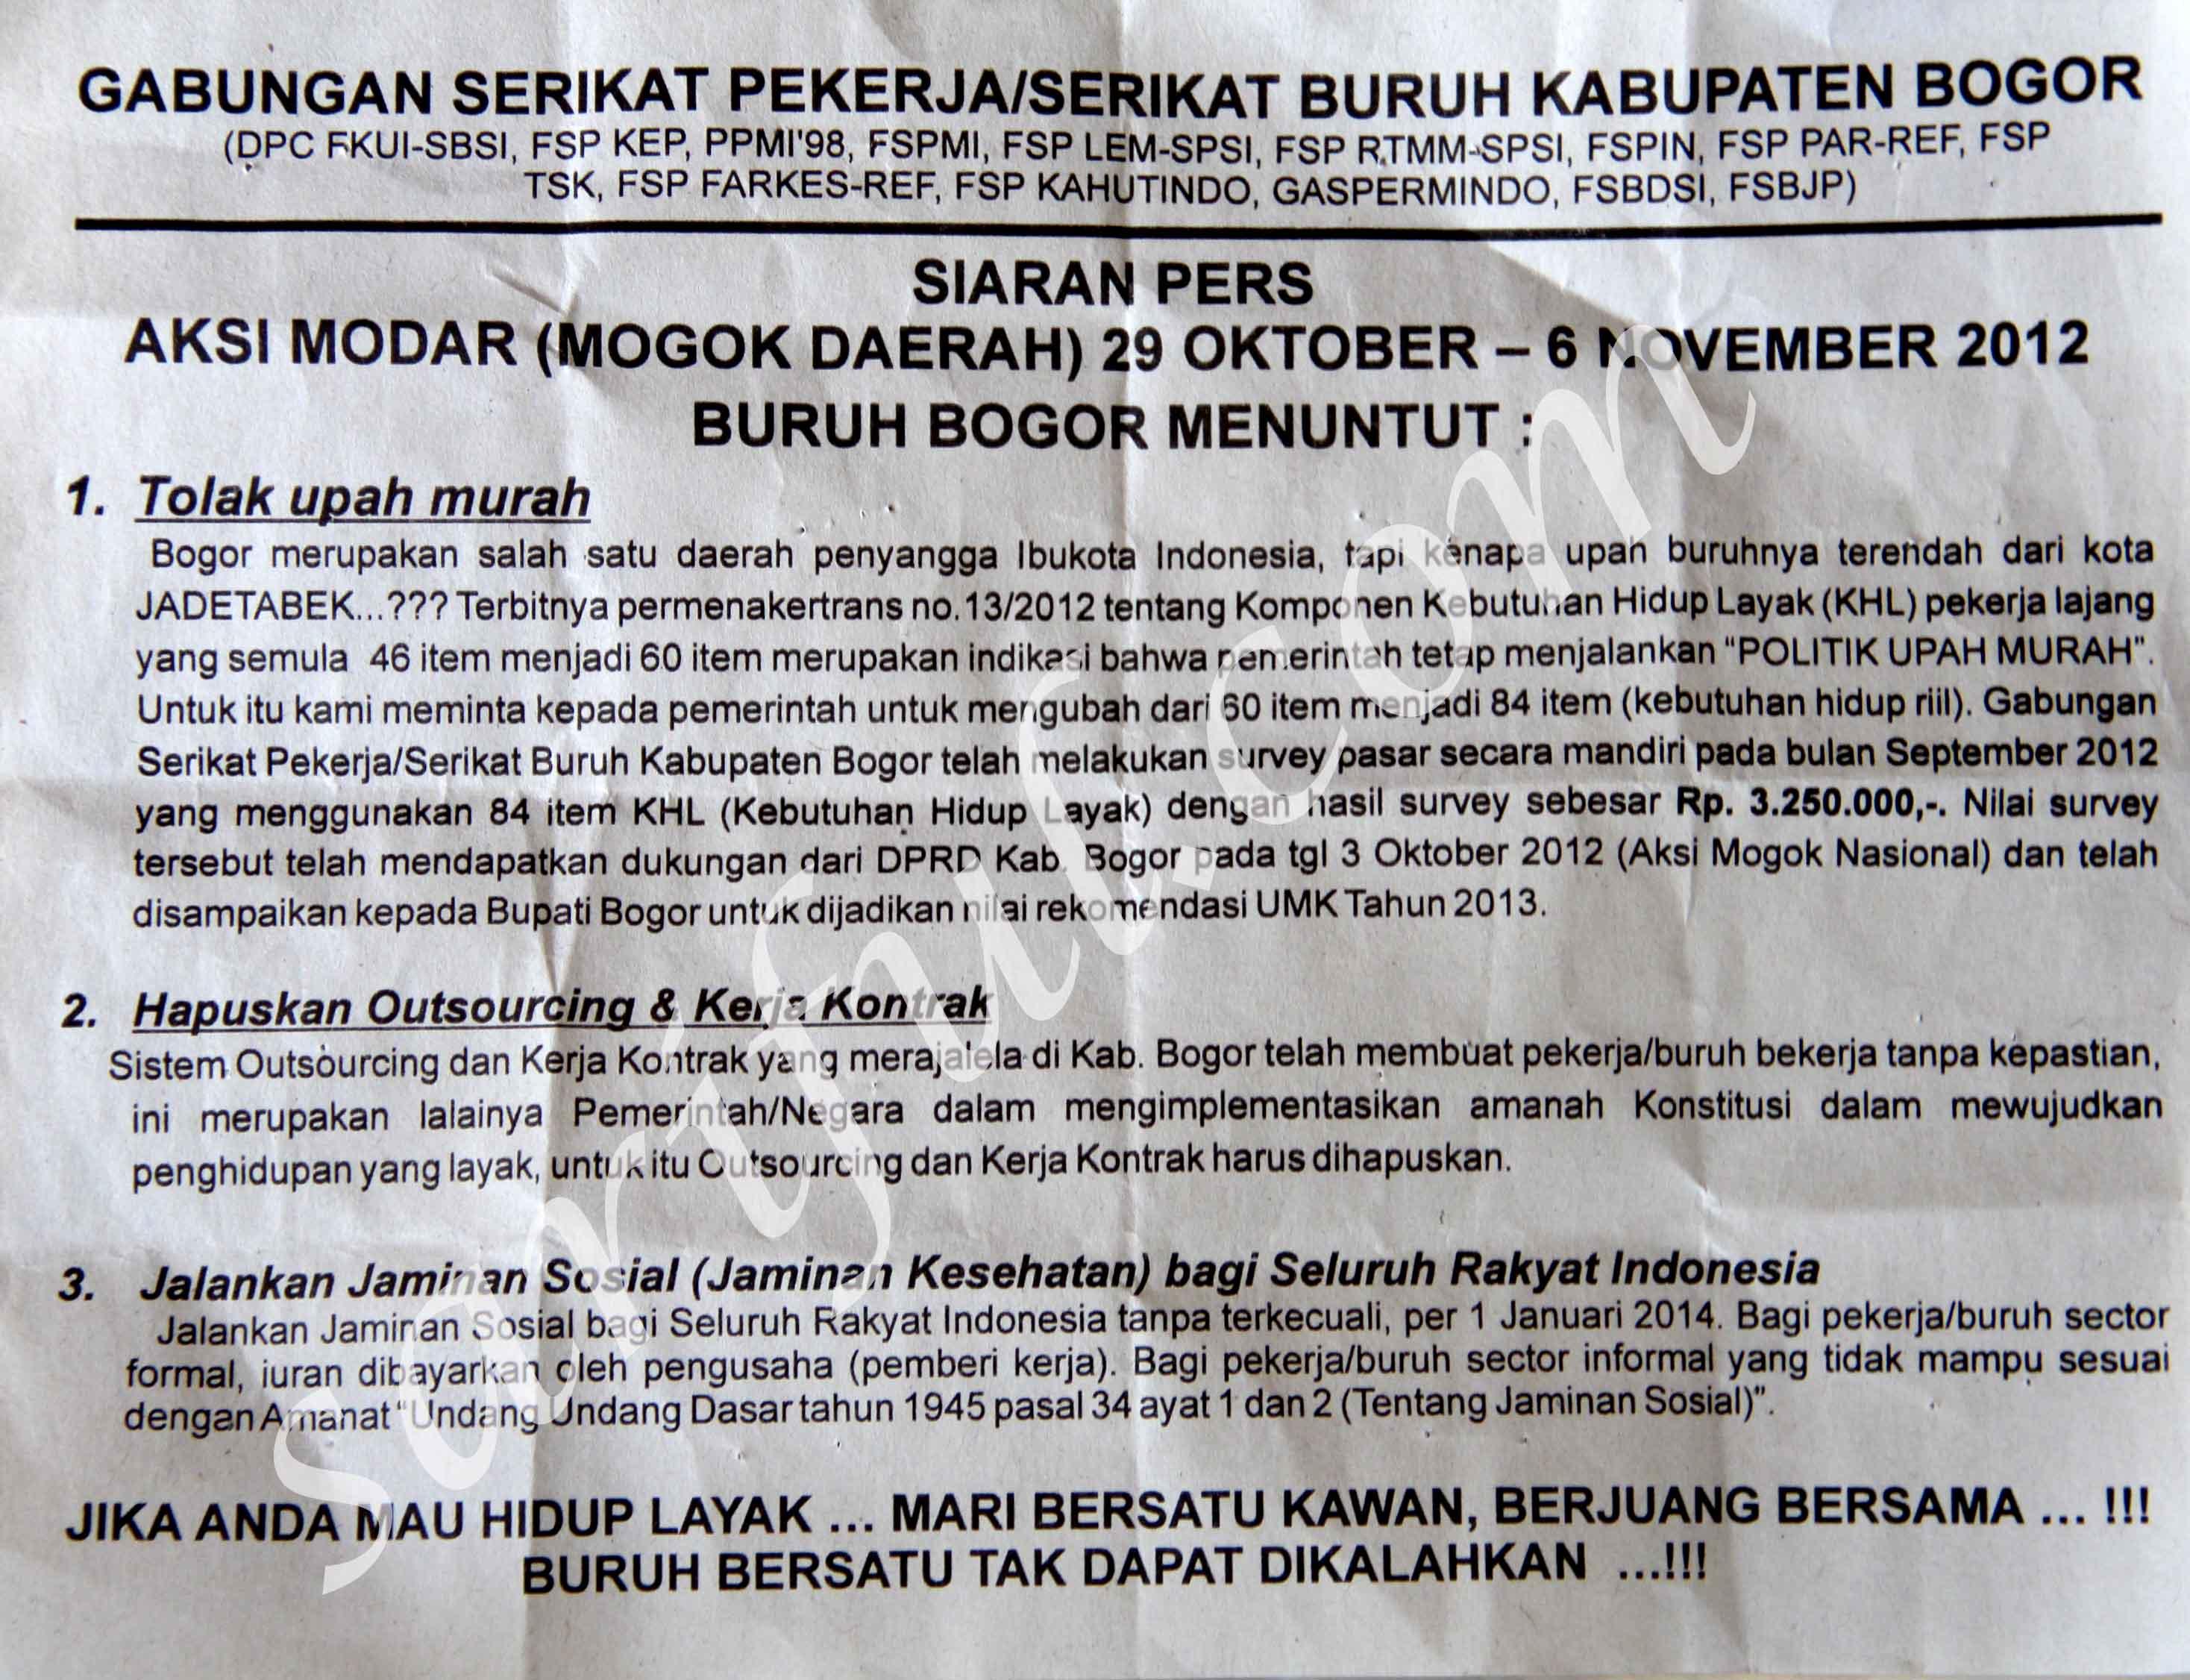 UMR 2013, Upah Minimum Regional atau Upah Murah Rakyat